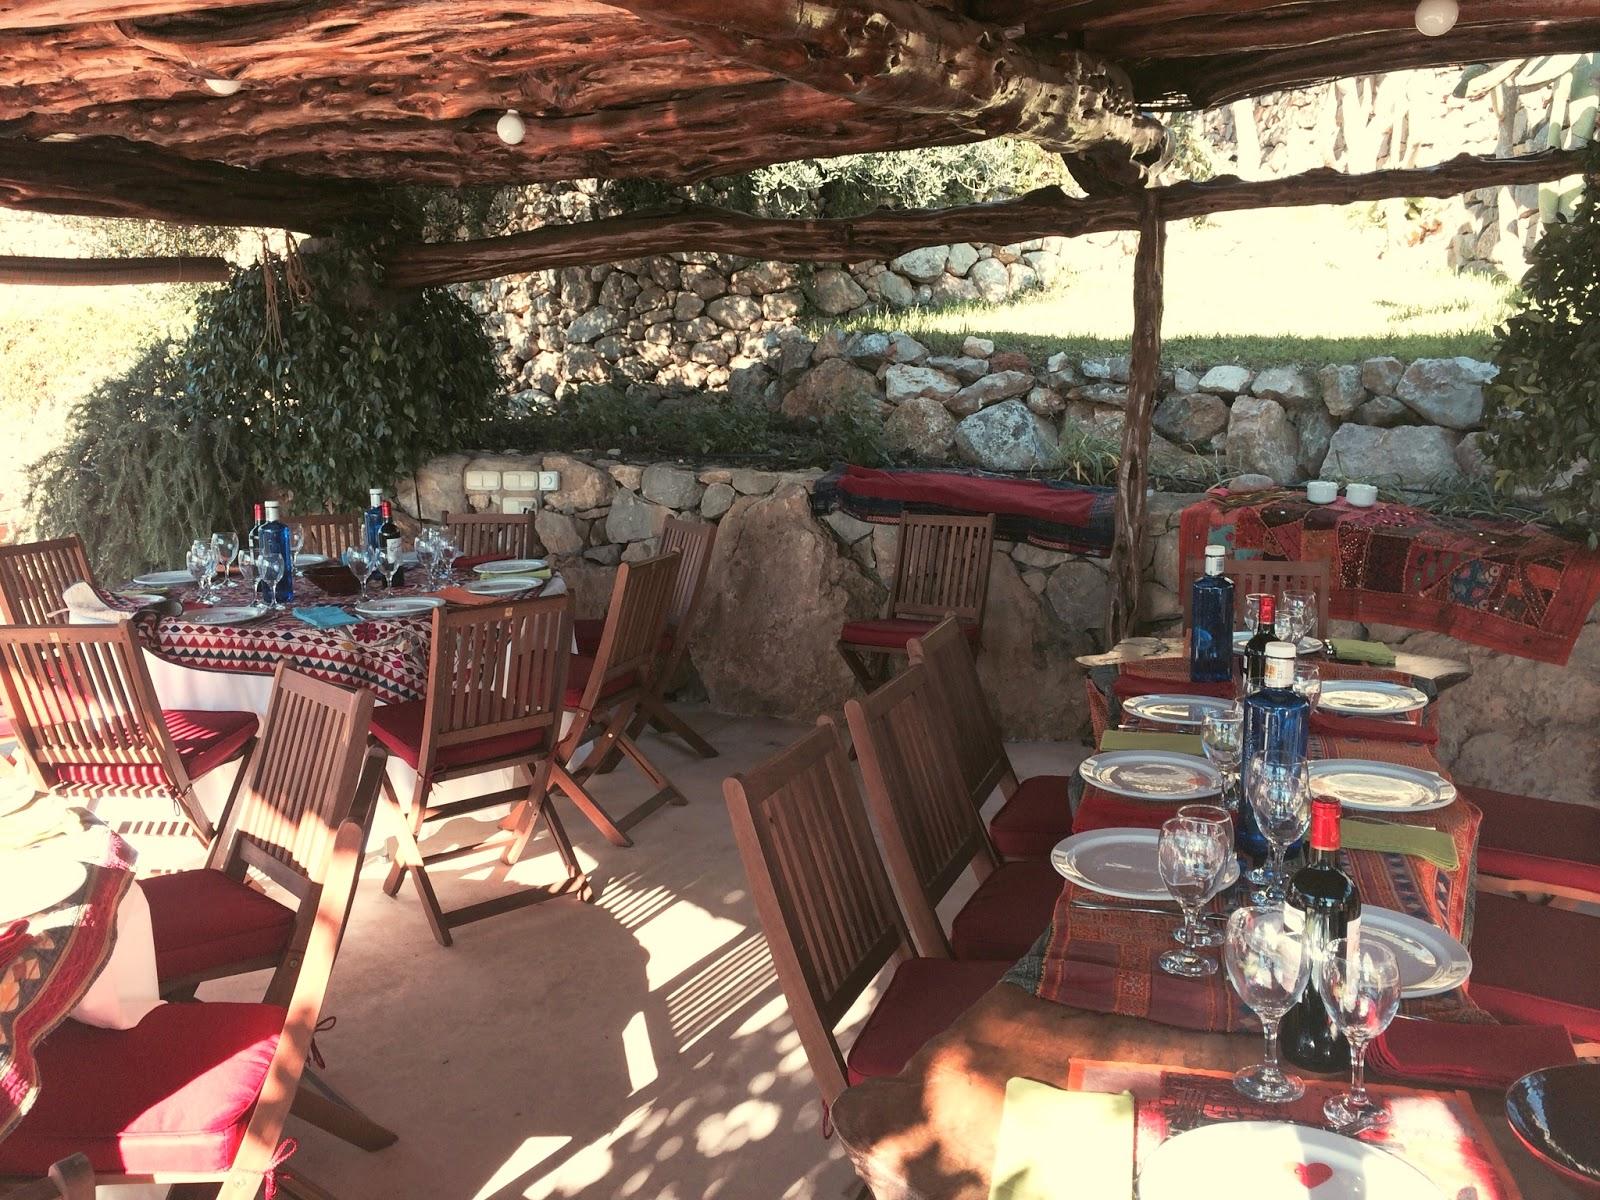 El observador solitario el bien y el mal en ibiza 2015 for Piscina municipal martorell